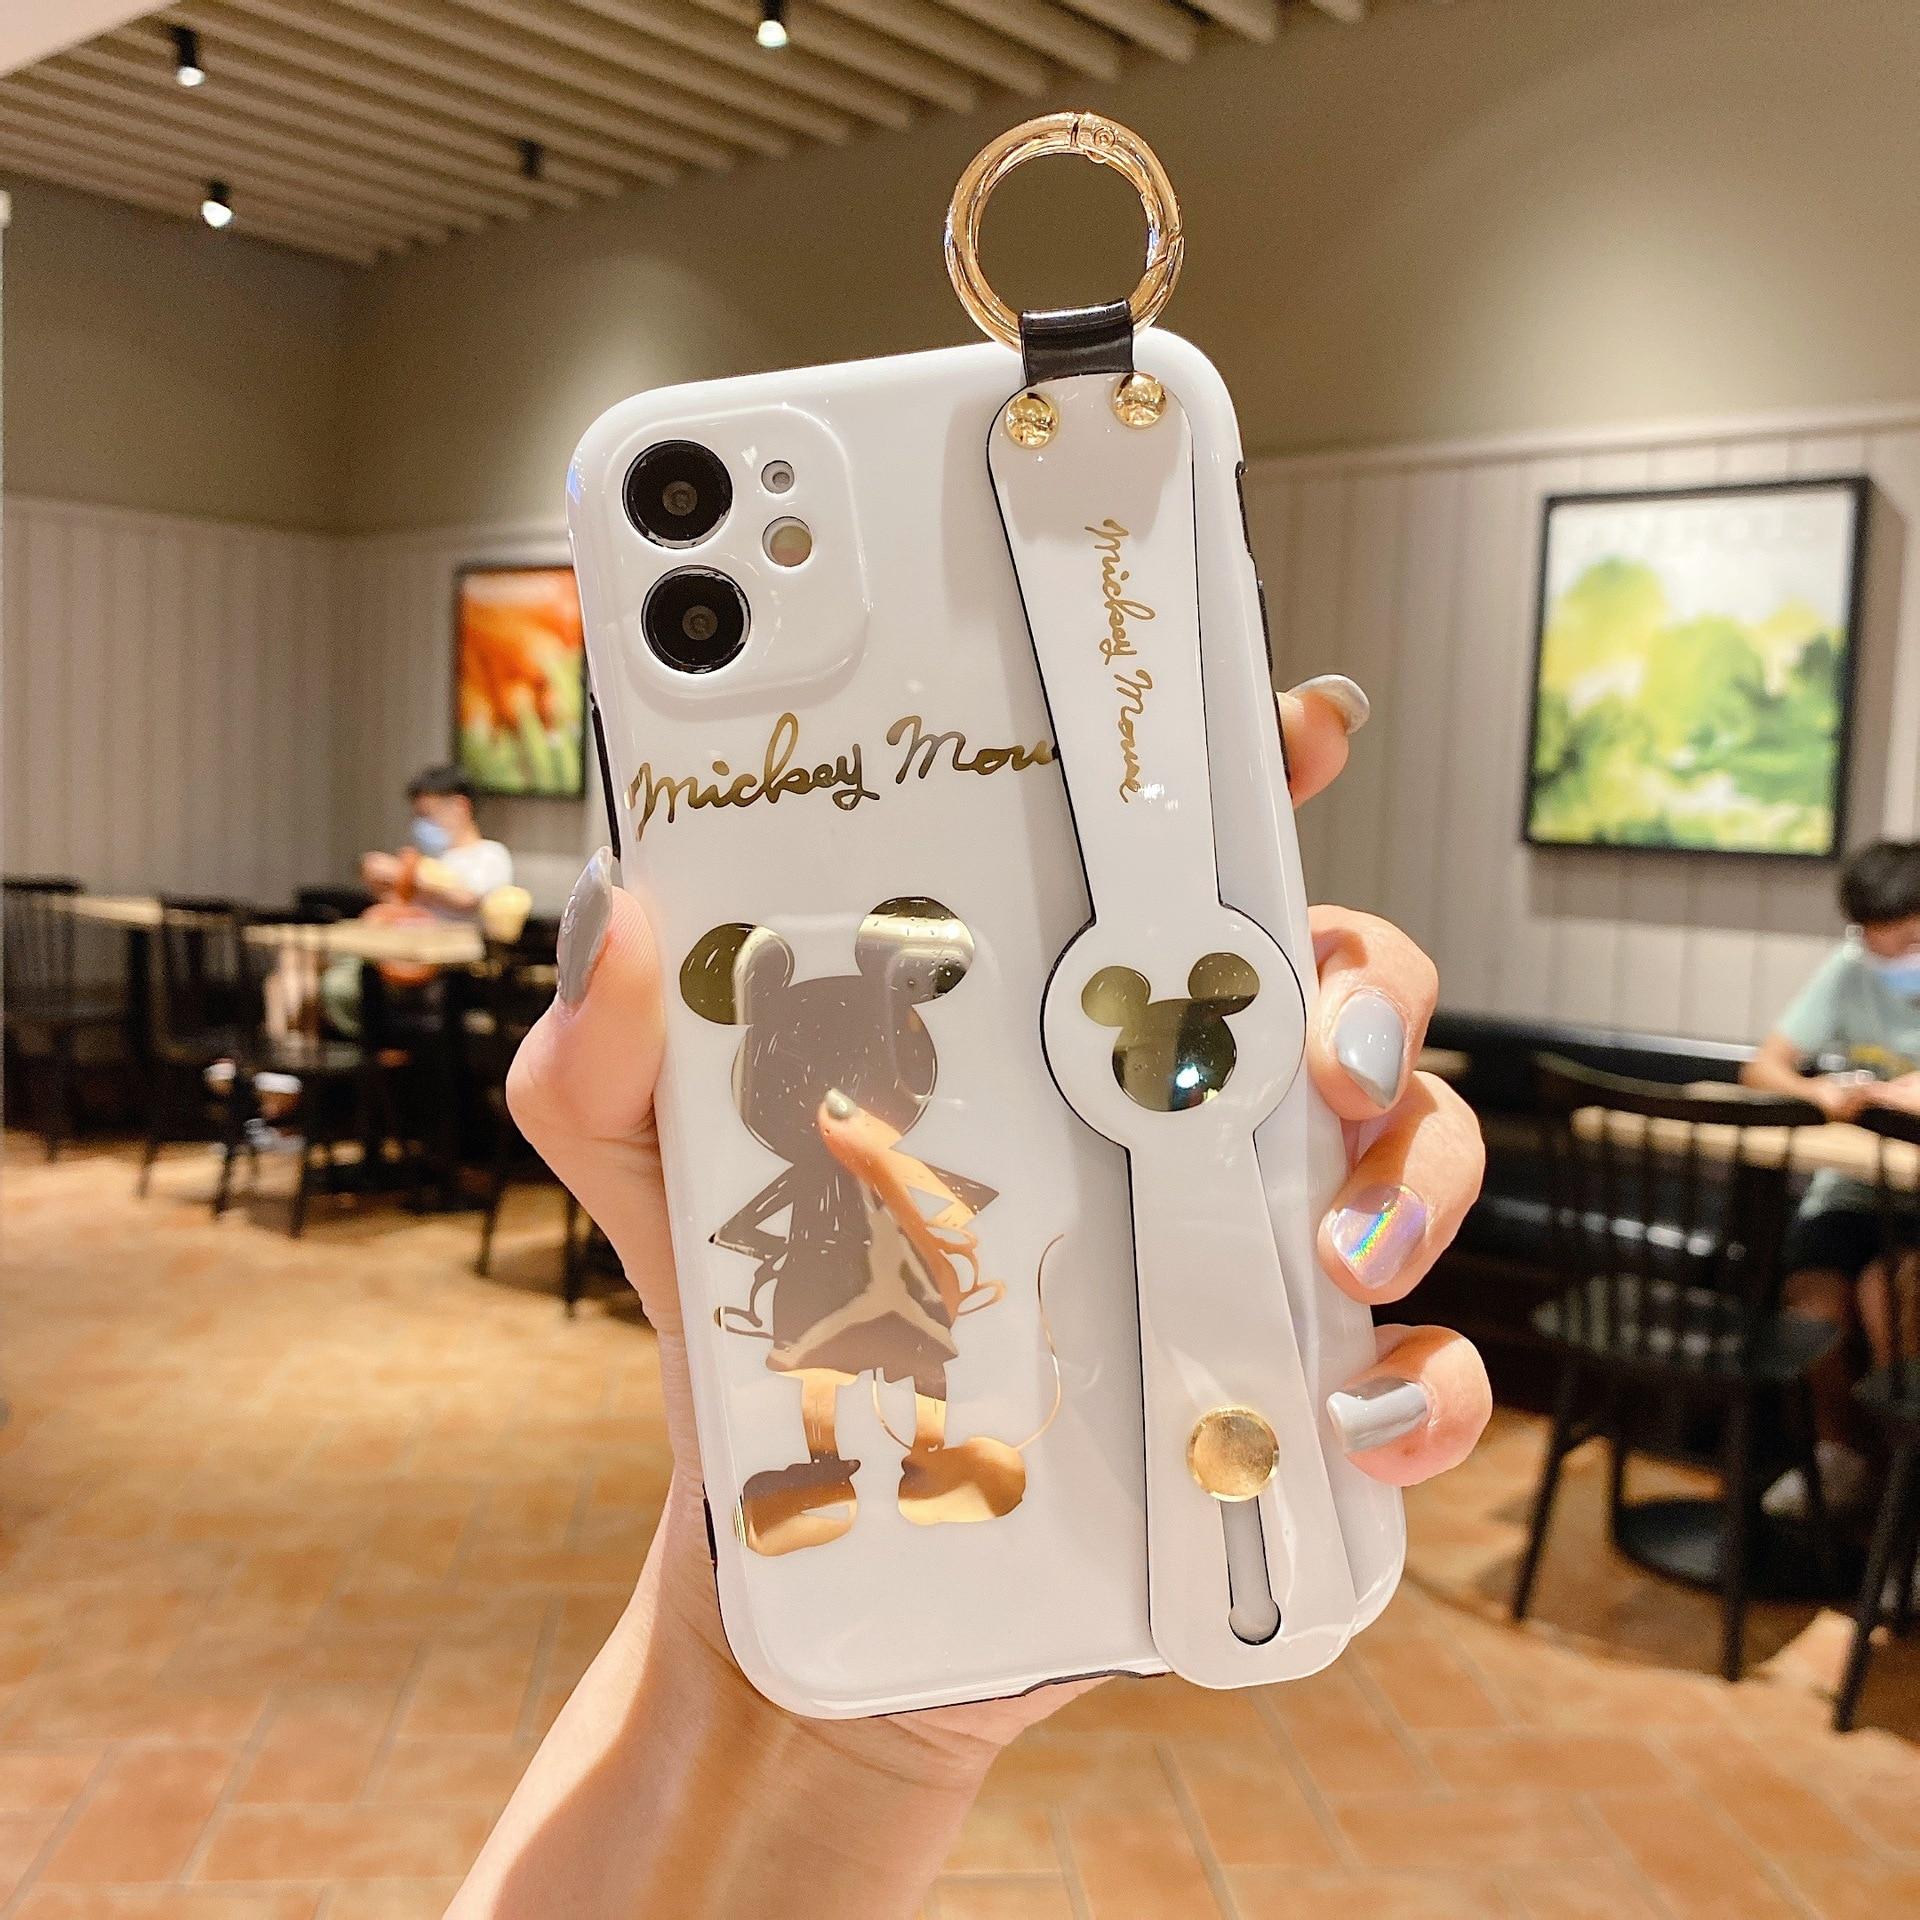 2021 Disney Mickey Minnie for iPhone 7 plus xr xs max 11/12pro max 12mini kawayi couple phone case